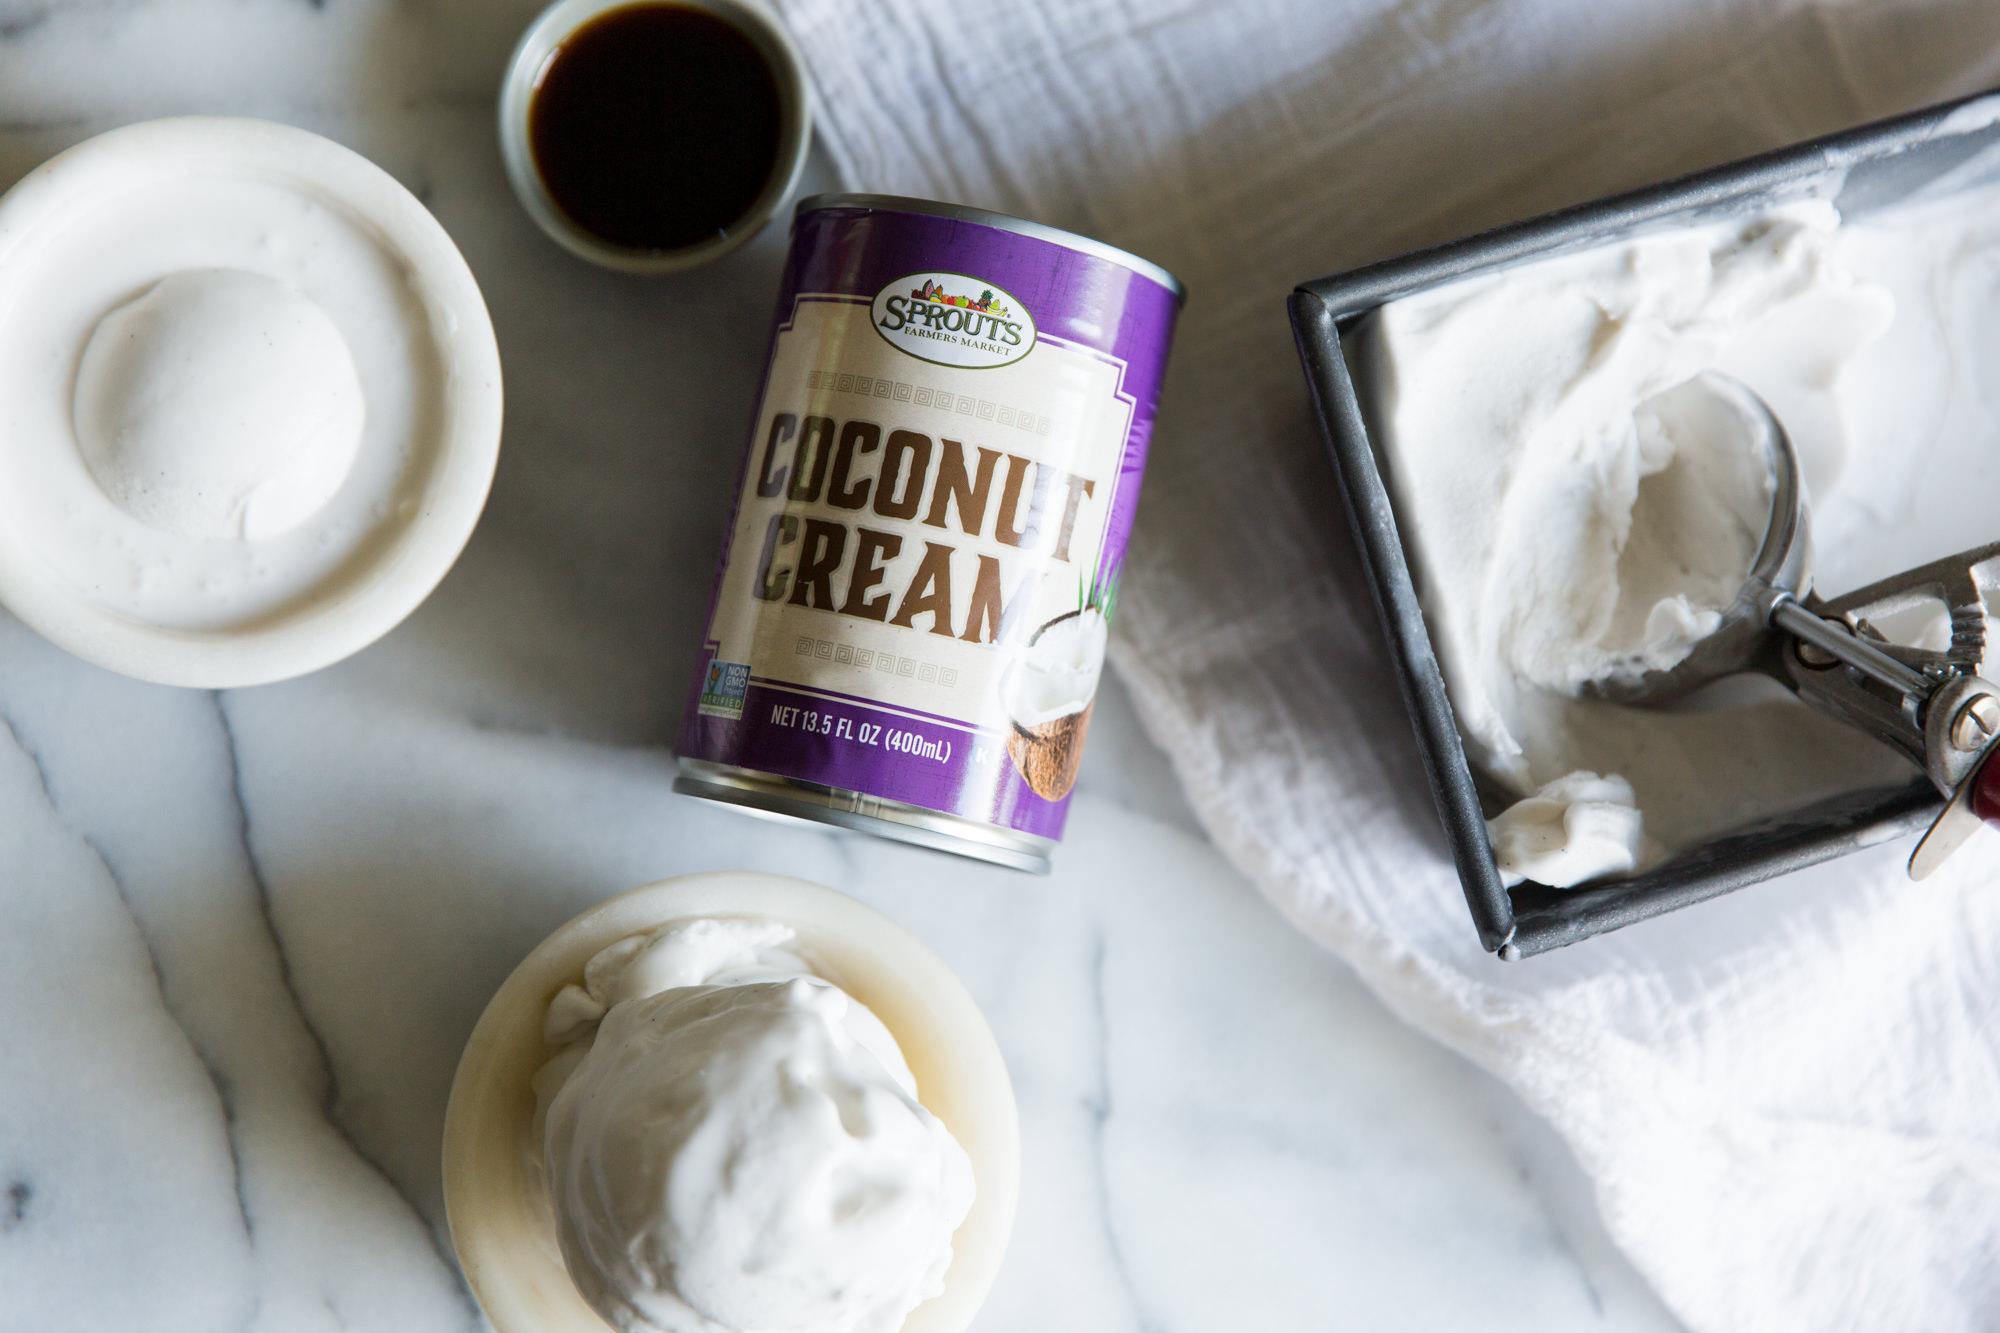 Vegan Ice-cream with Sprouts Coconut Cream